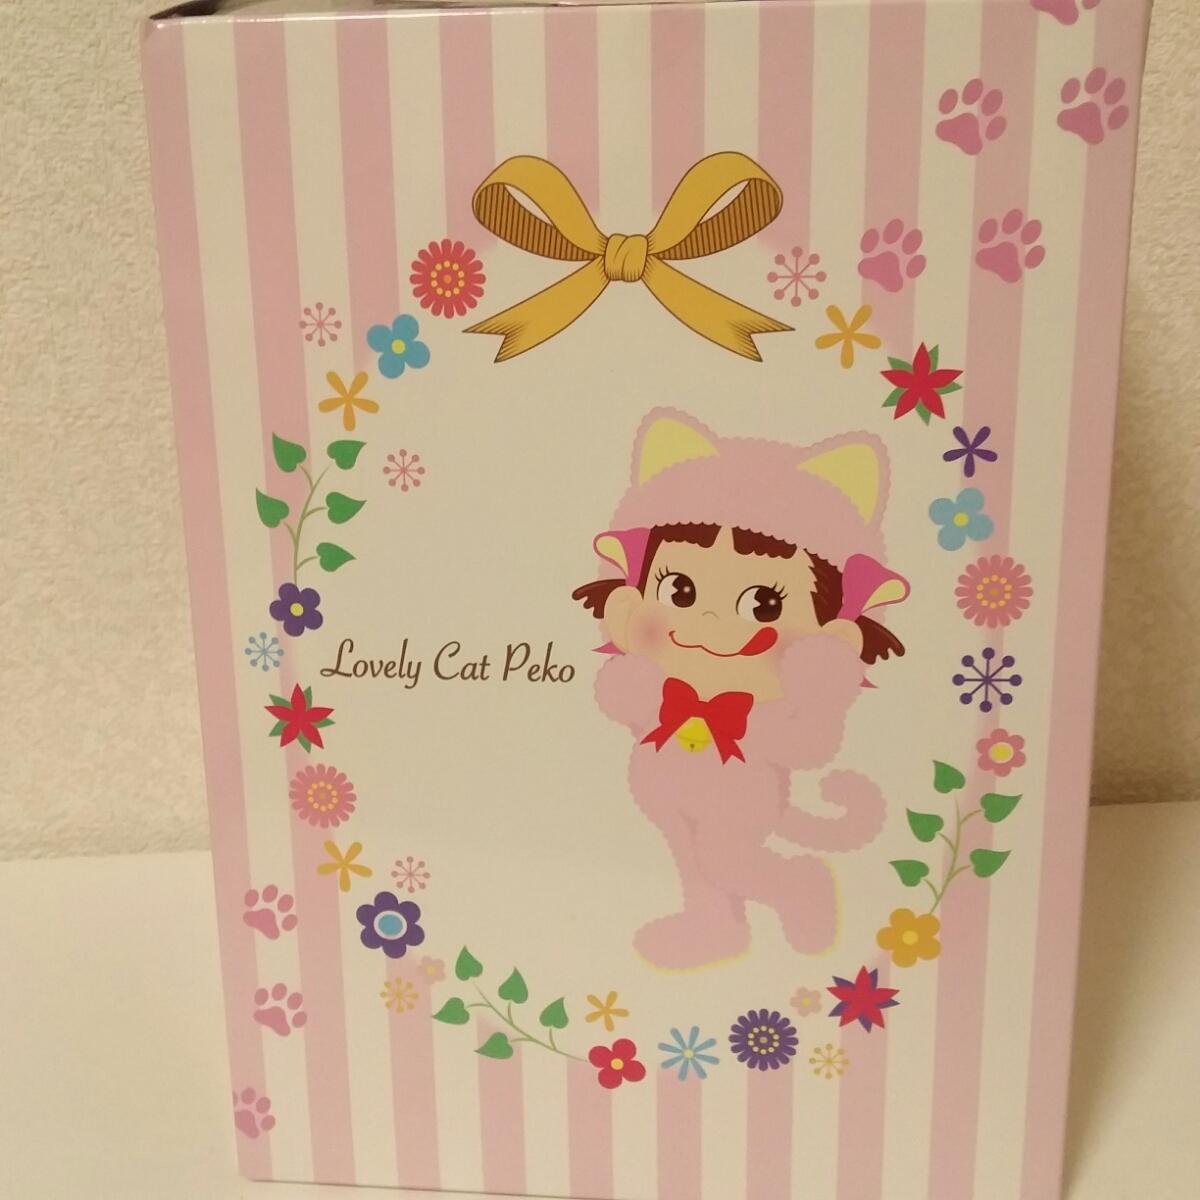 数量限定 PEKO DOLL ペコドール ペコちゃん 人形 猫 ピンク 着ぐるみ セブンイレブン 不二家 限定 ぬいぐるみ ミルキー プレゼント_画像4